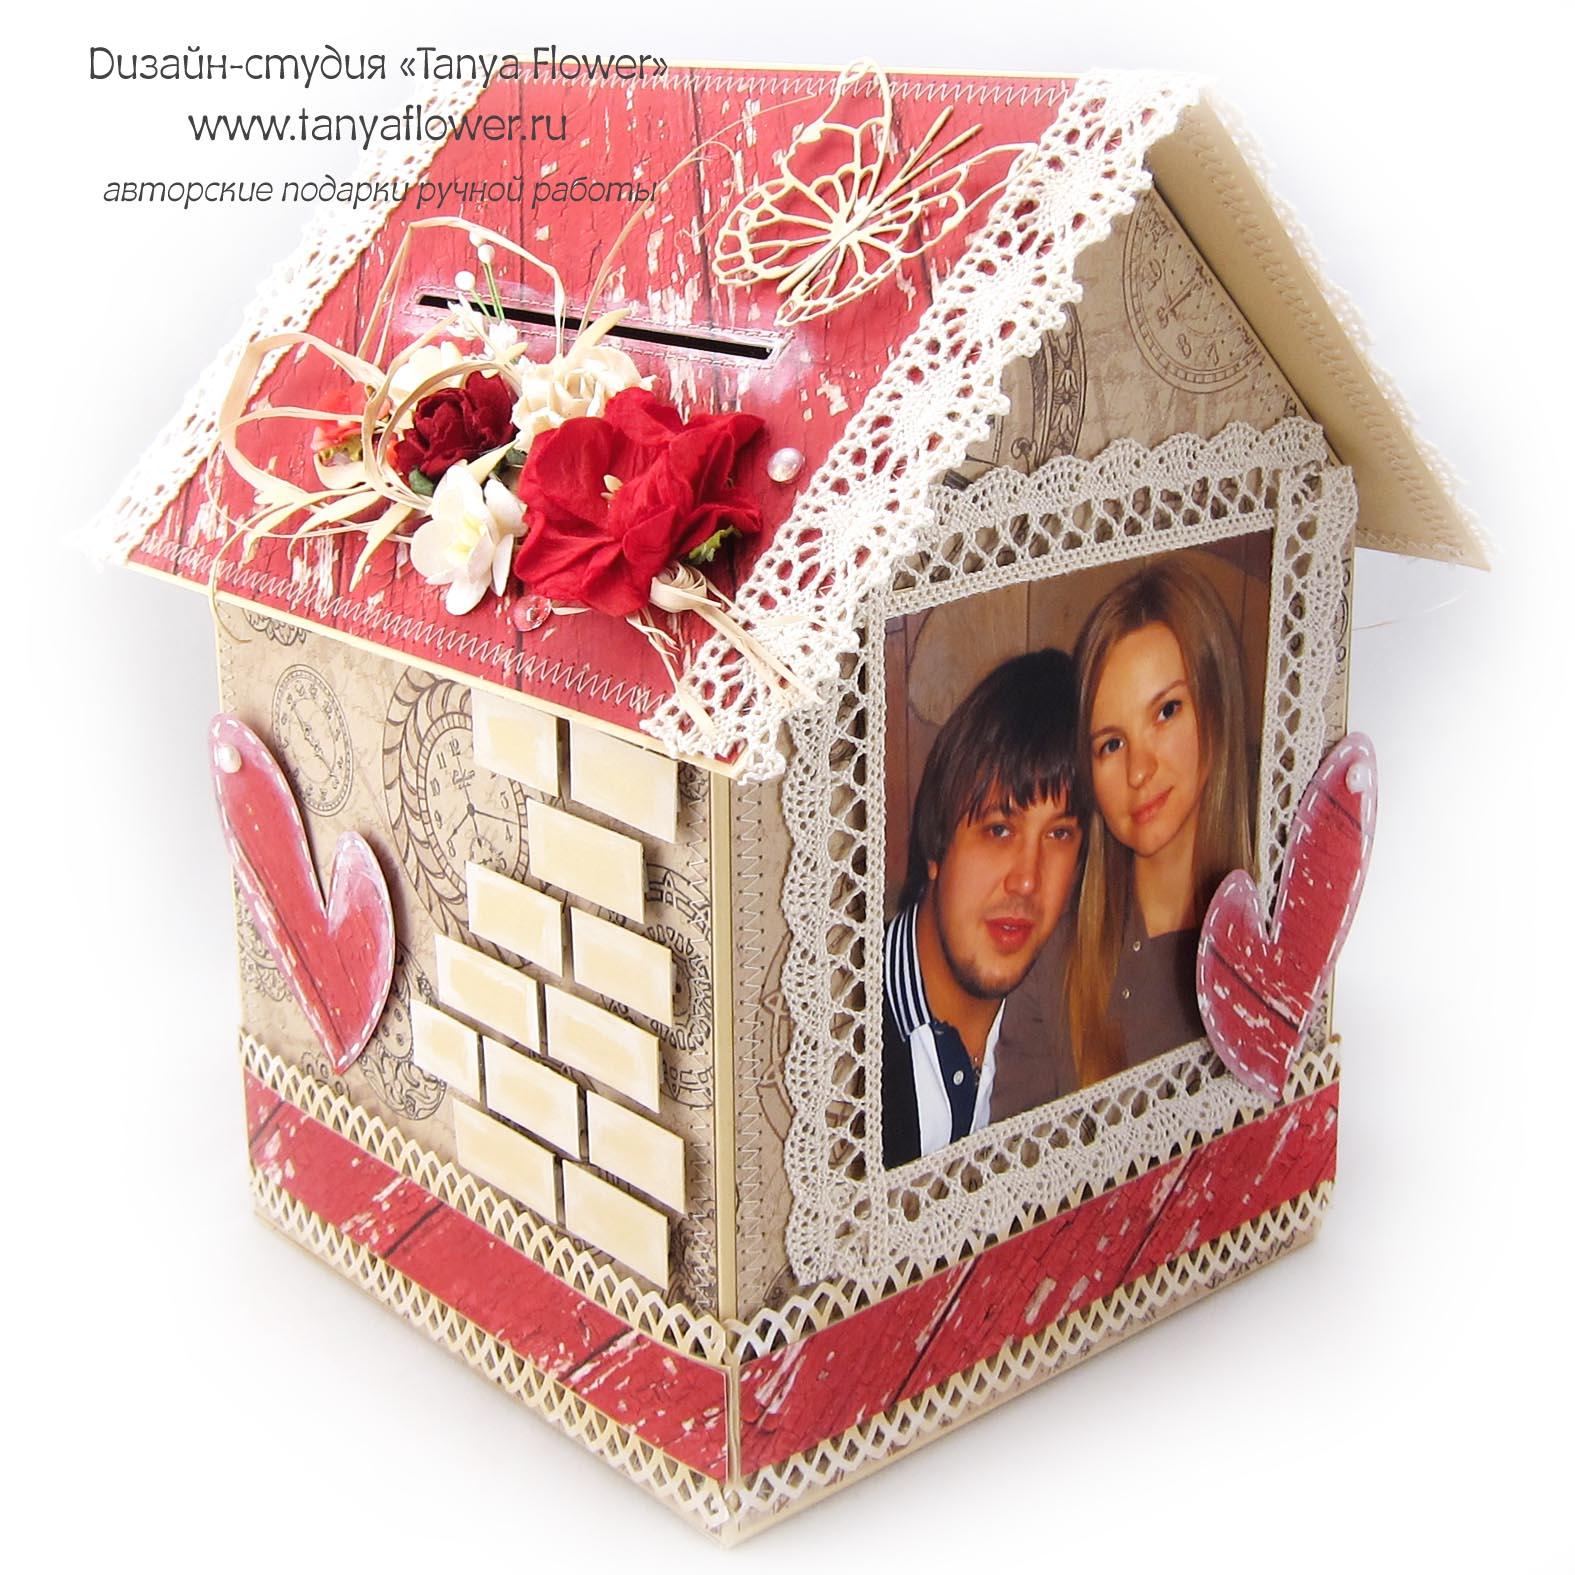 Дом для денег на свадьбу своими руками